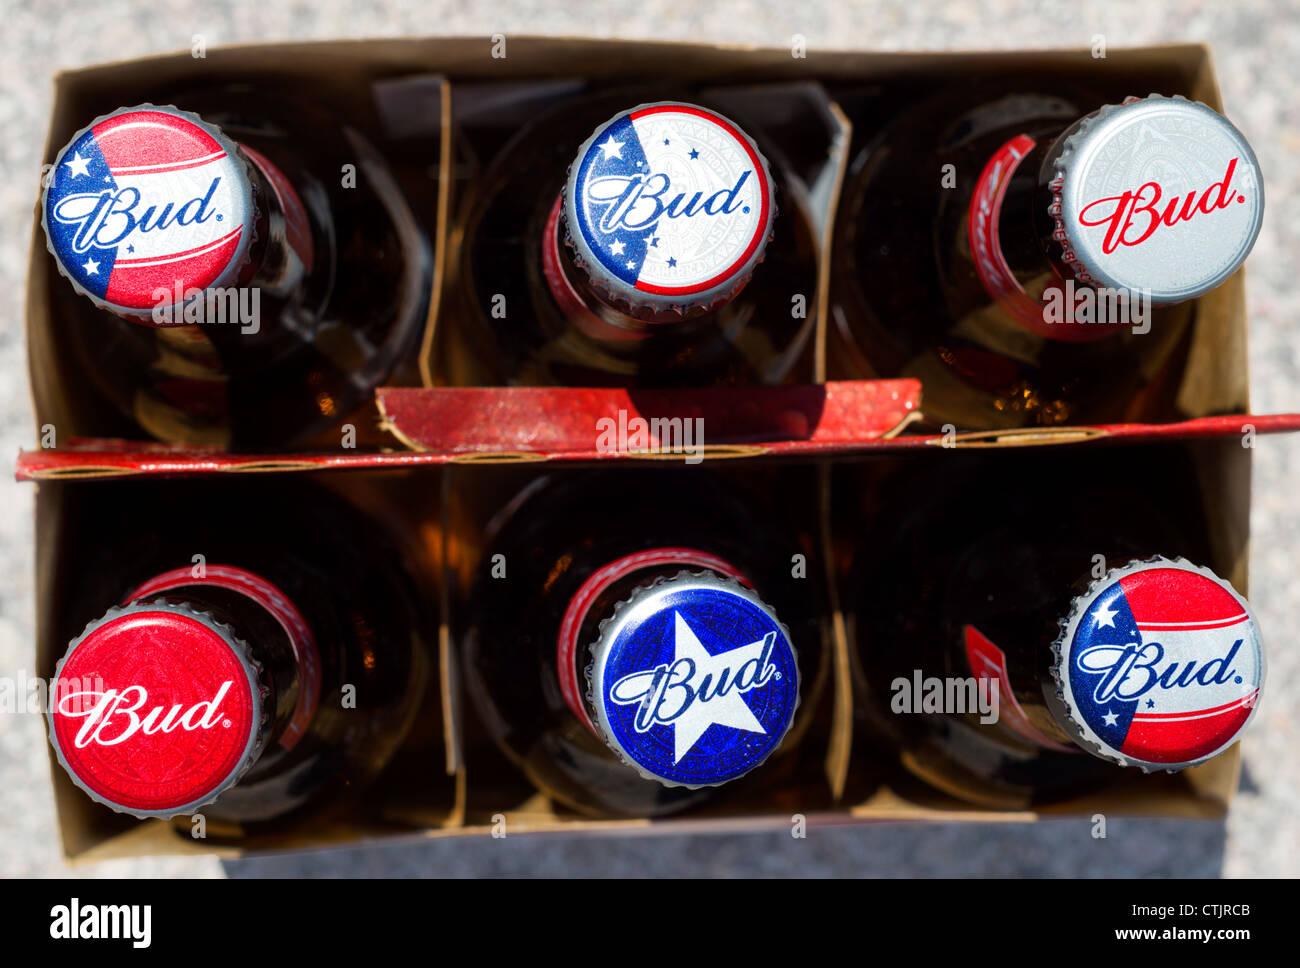 Un pacco di bottiglie di birra Budweiser con cappucci di vario, STATI UNITI D'AMERICA Immagini Stock